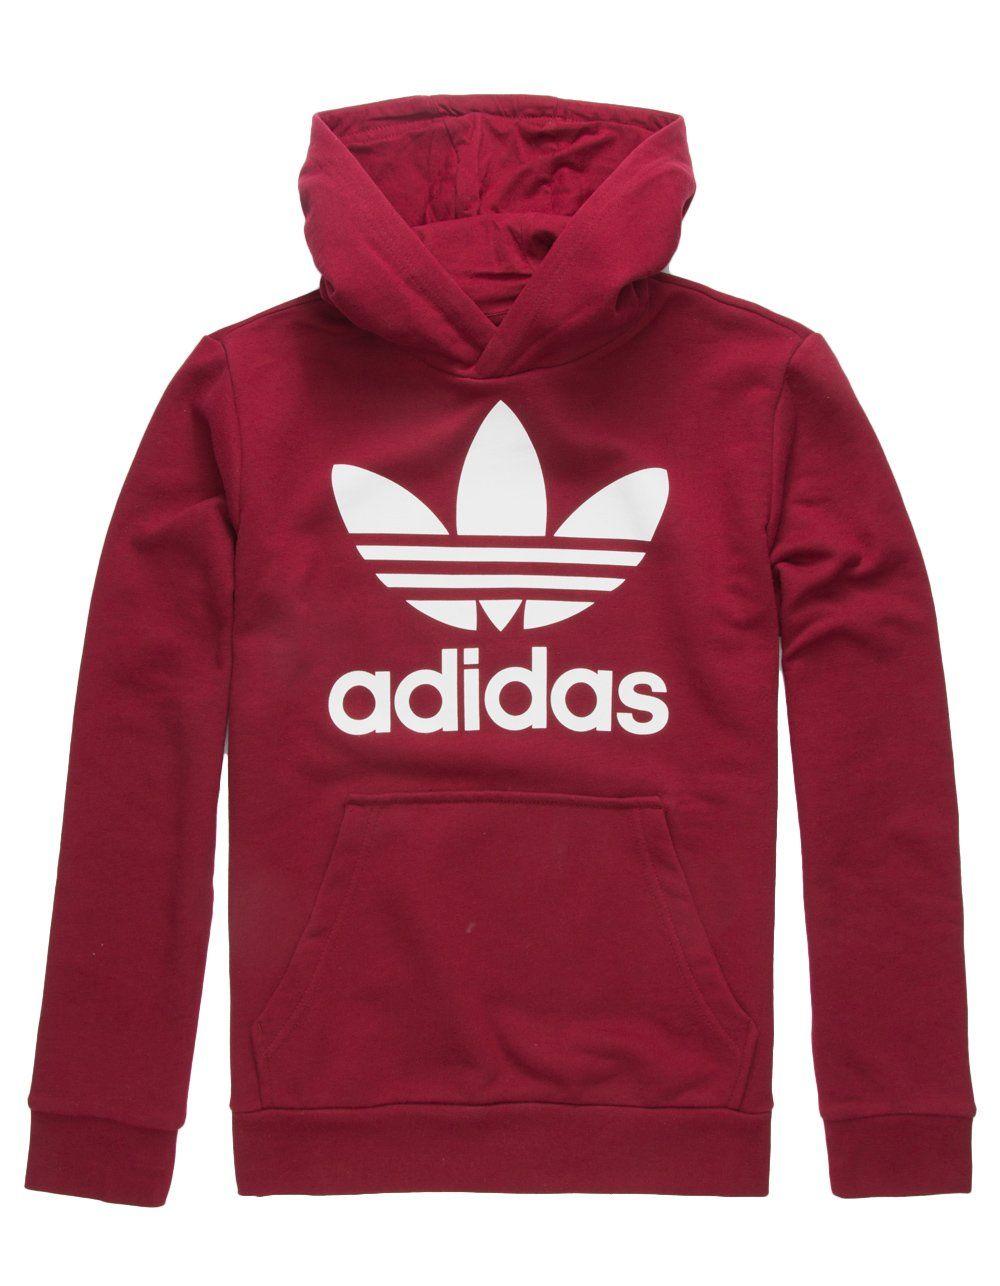 72c4d0ad3 adidas Originals Kids Unisex Trefoil Hoodie Little Kids/Big Kids Collegiate  Burgundy/White Large *** For more information, visit image link.